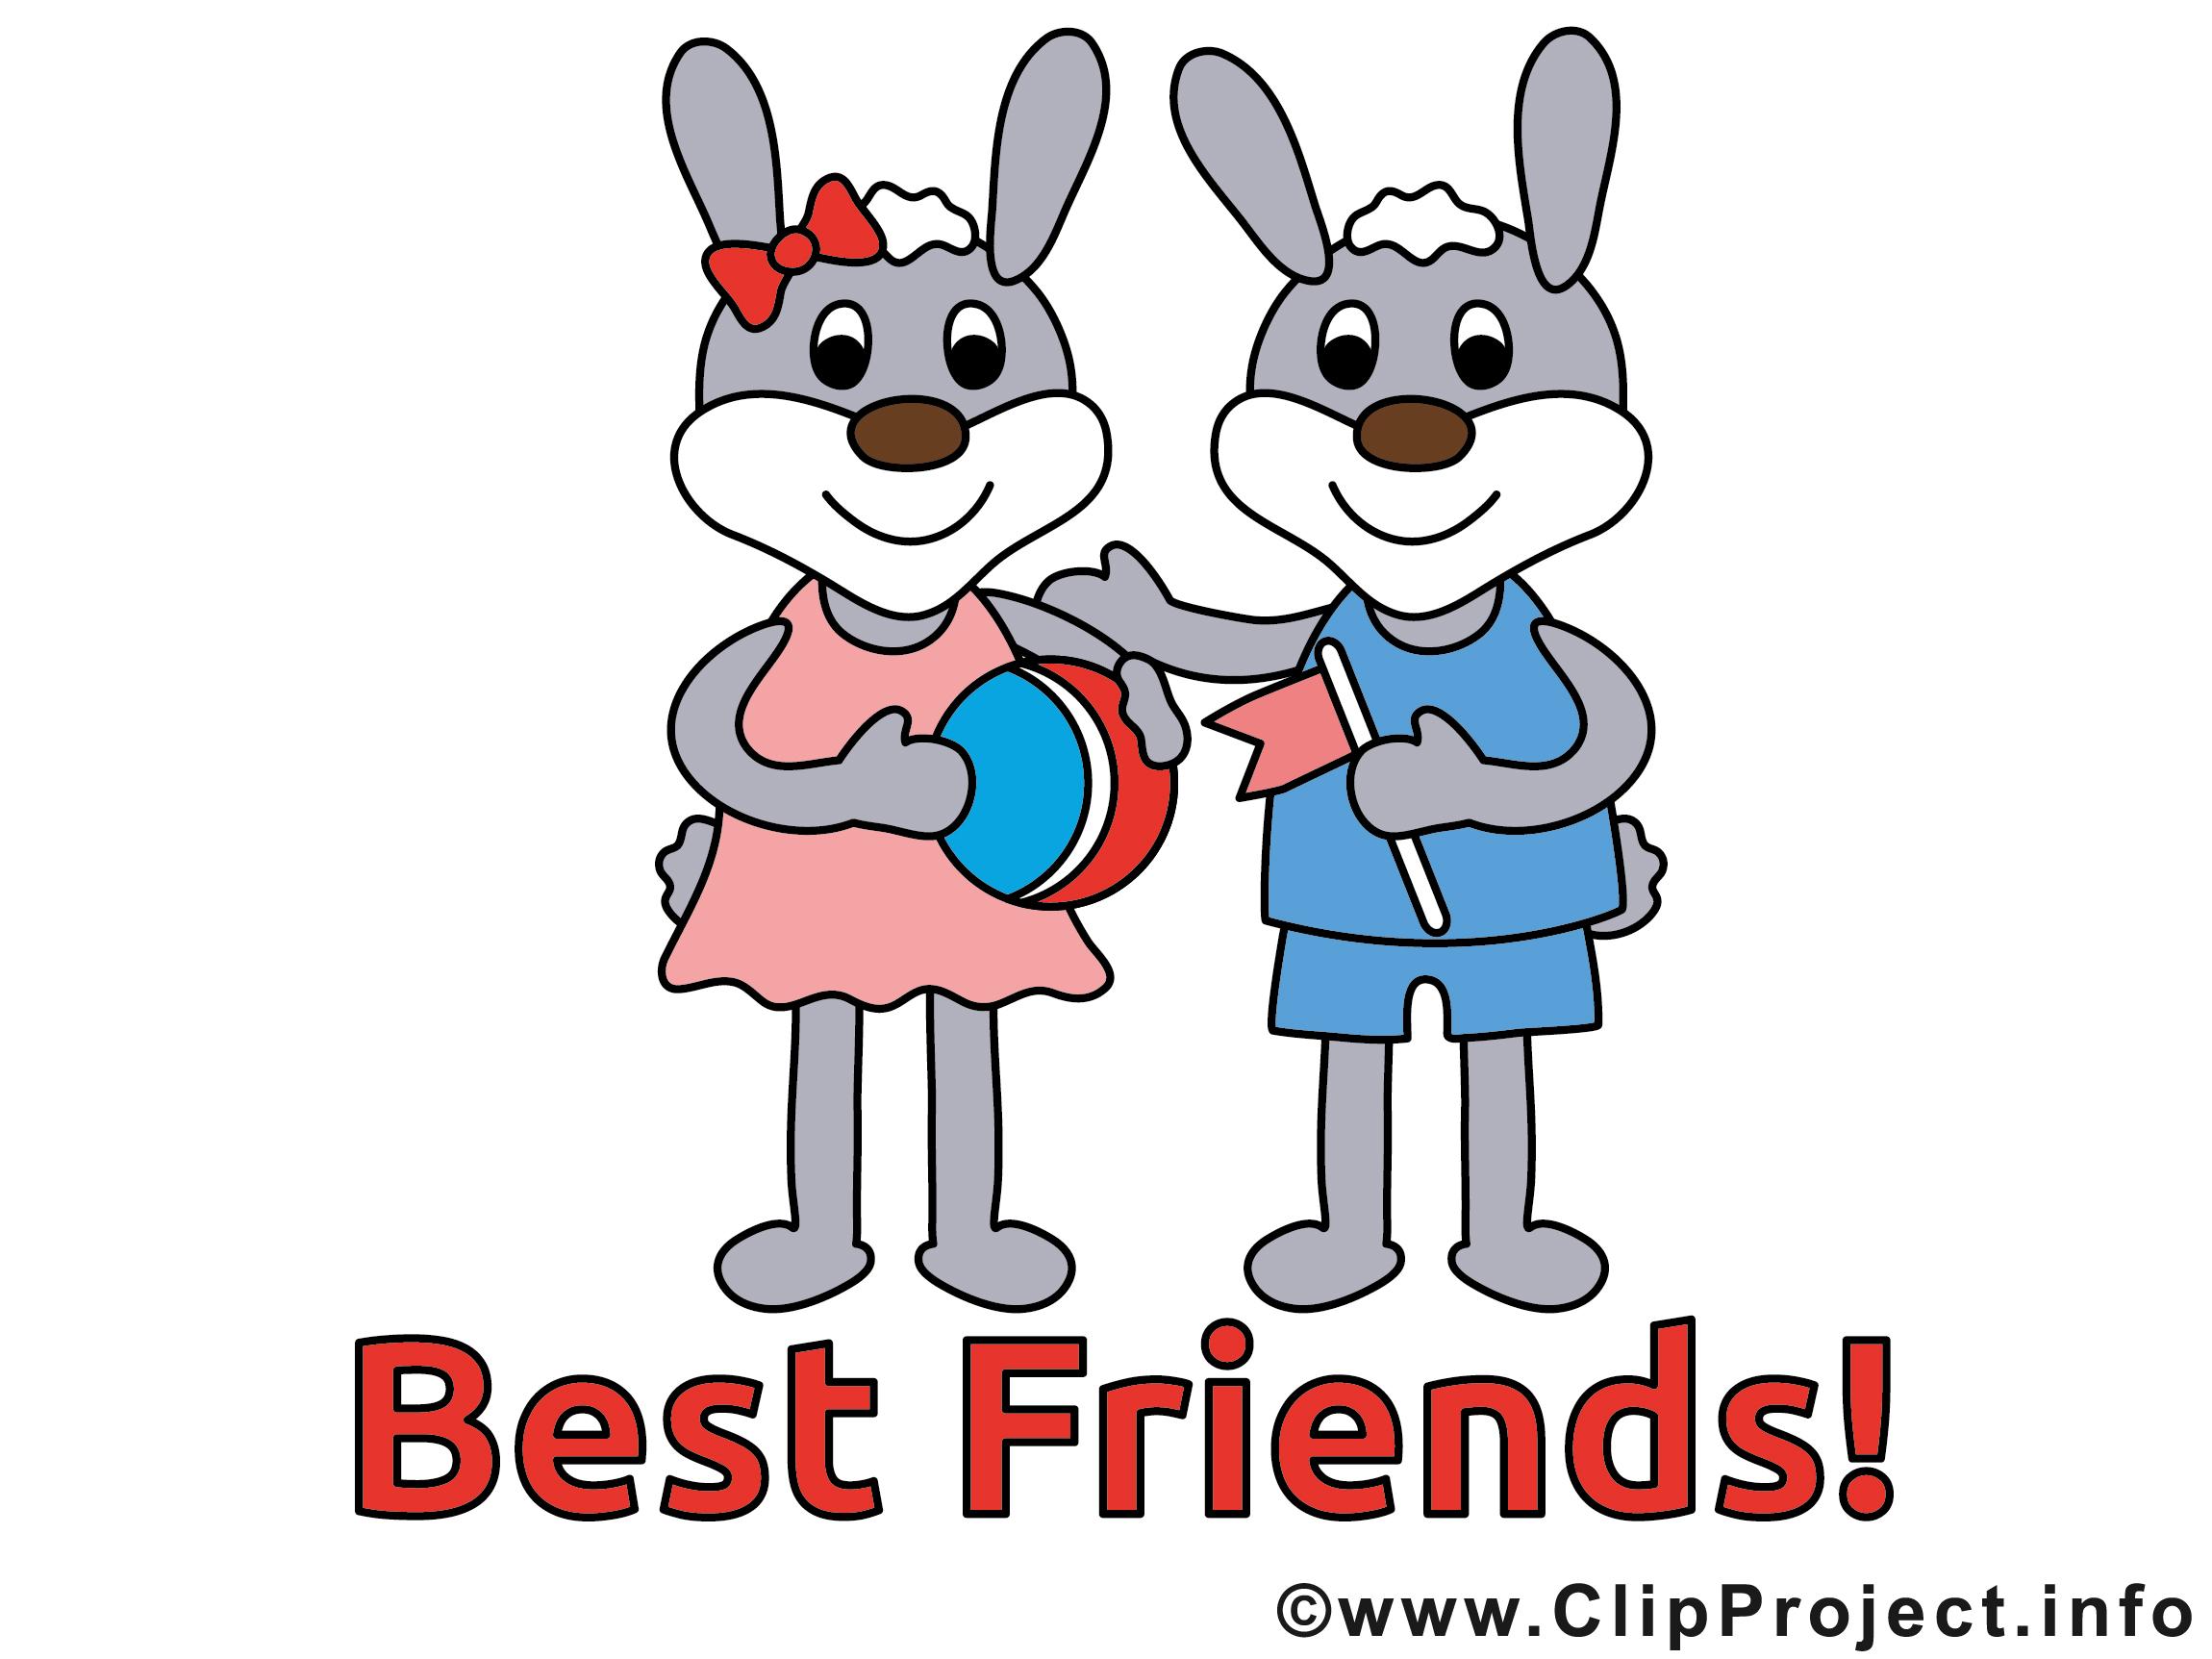 Aller beste Freunde Sprüche und Bilder